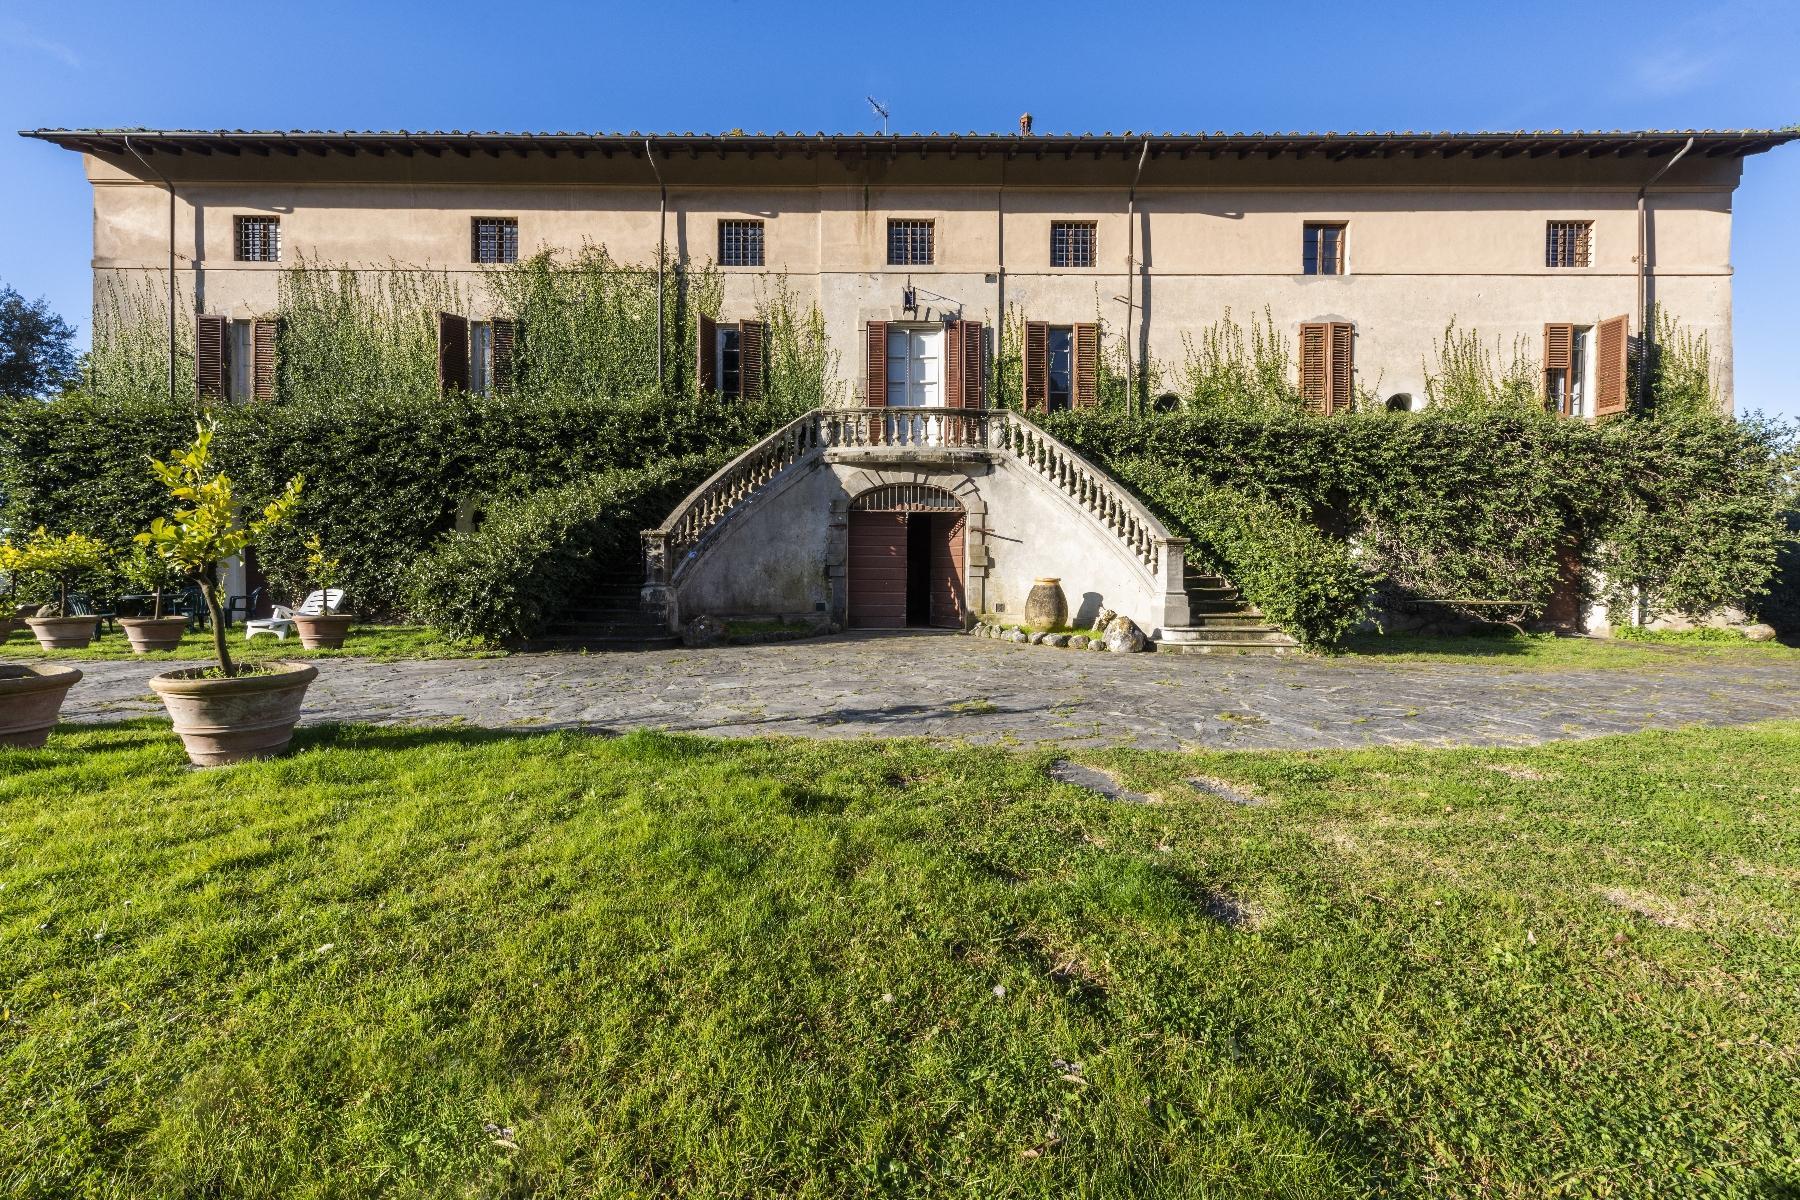 Wunderschöne historische Villa mit Turm in Camaiore - 1